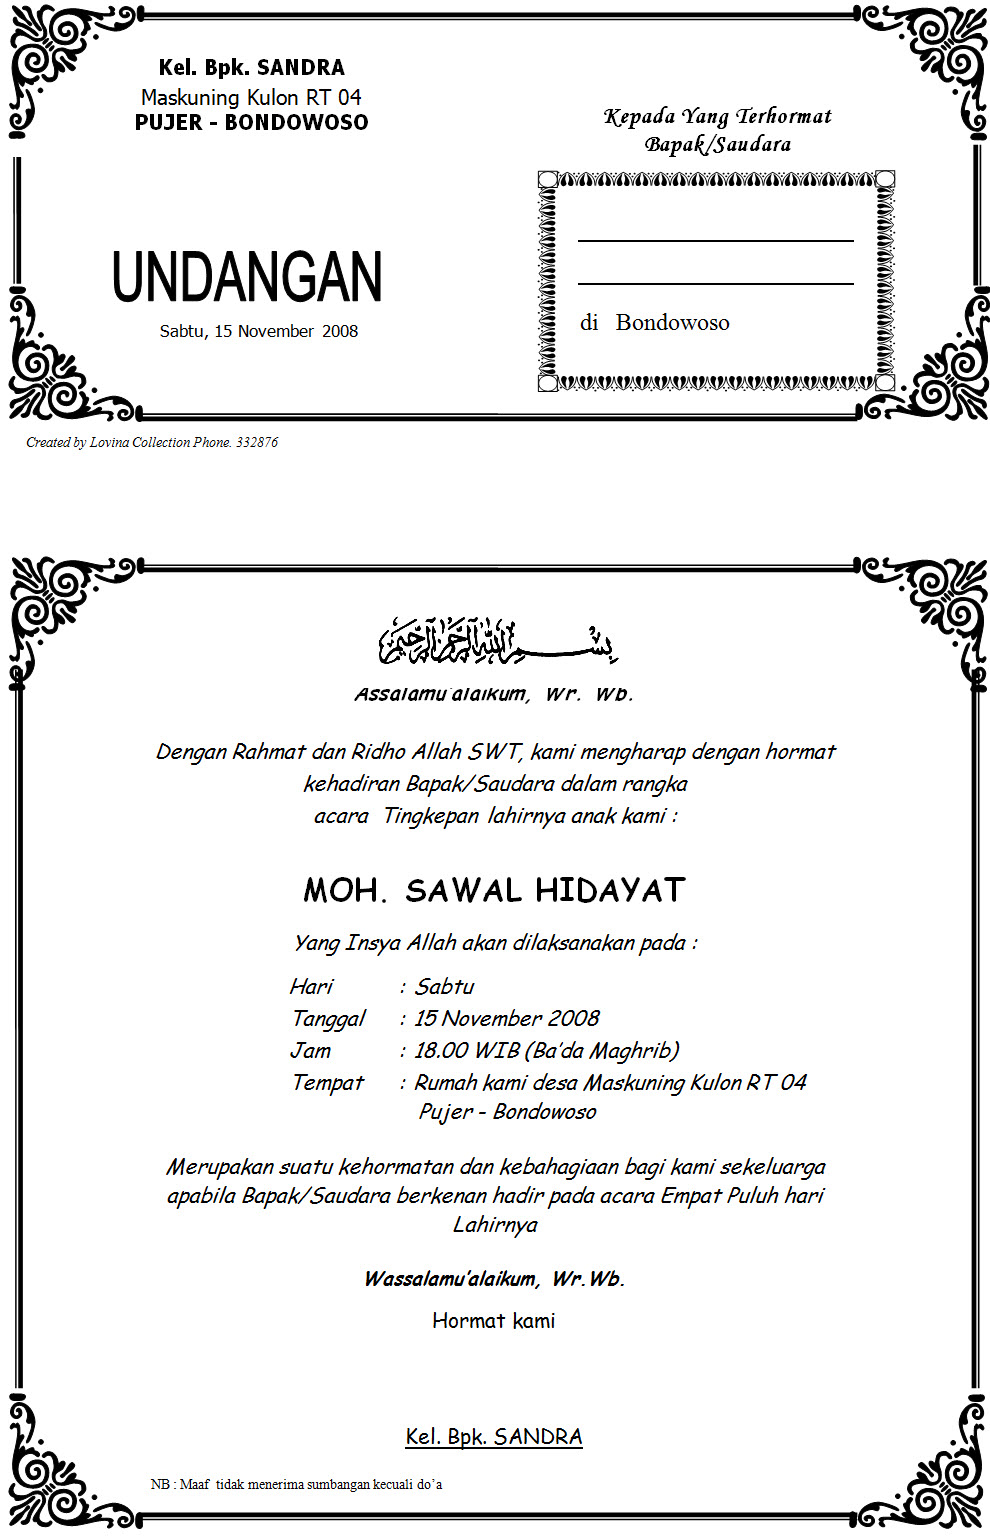 Agustus 2014 ~ Harga Undangan Tas Kipas Unik Murah Bekasi